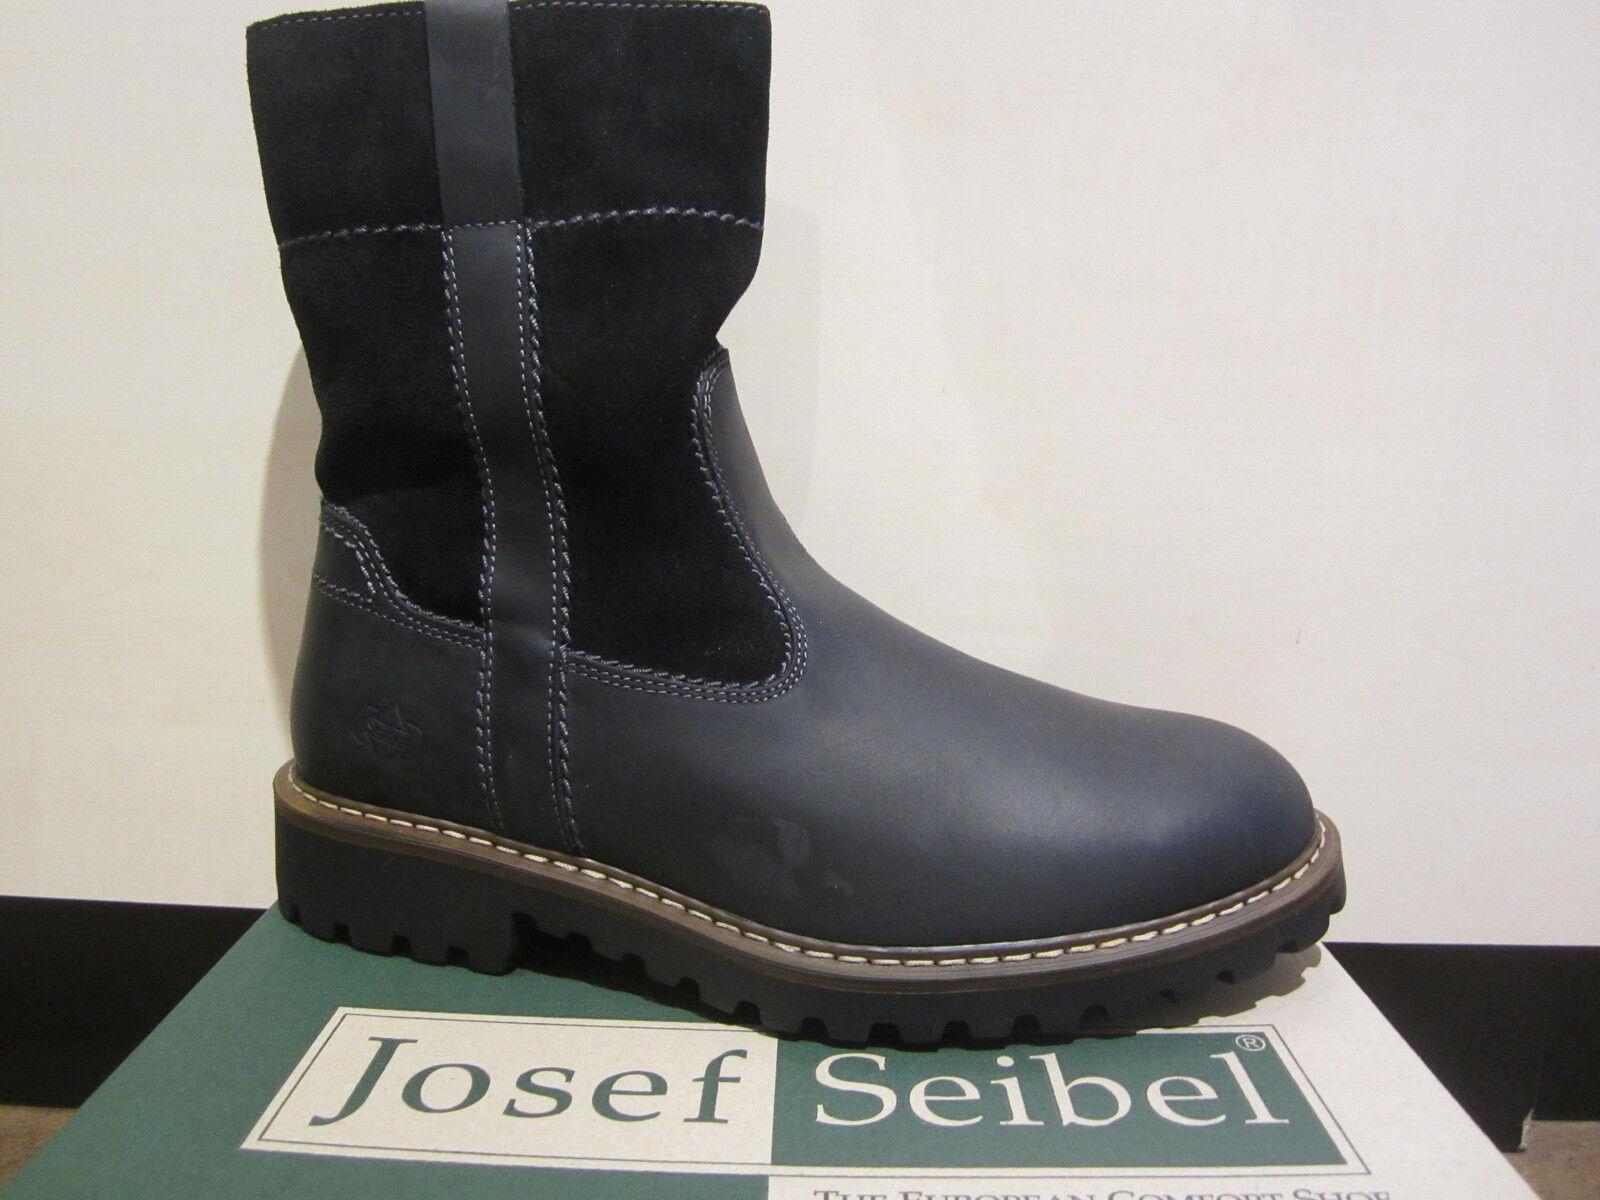 Seibel botas de Hombre botas de Invierno botas Botínes Cuero Negro 21927 Nuevo